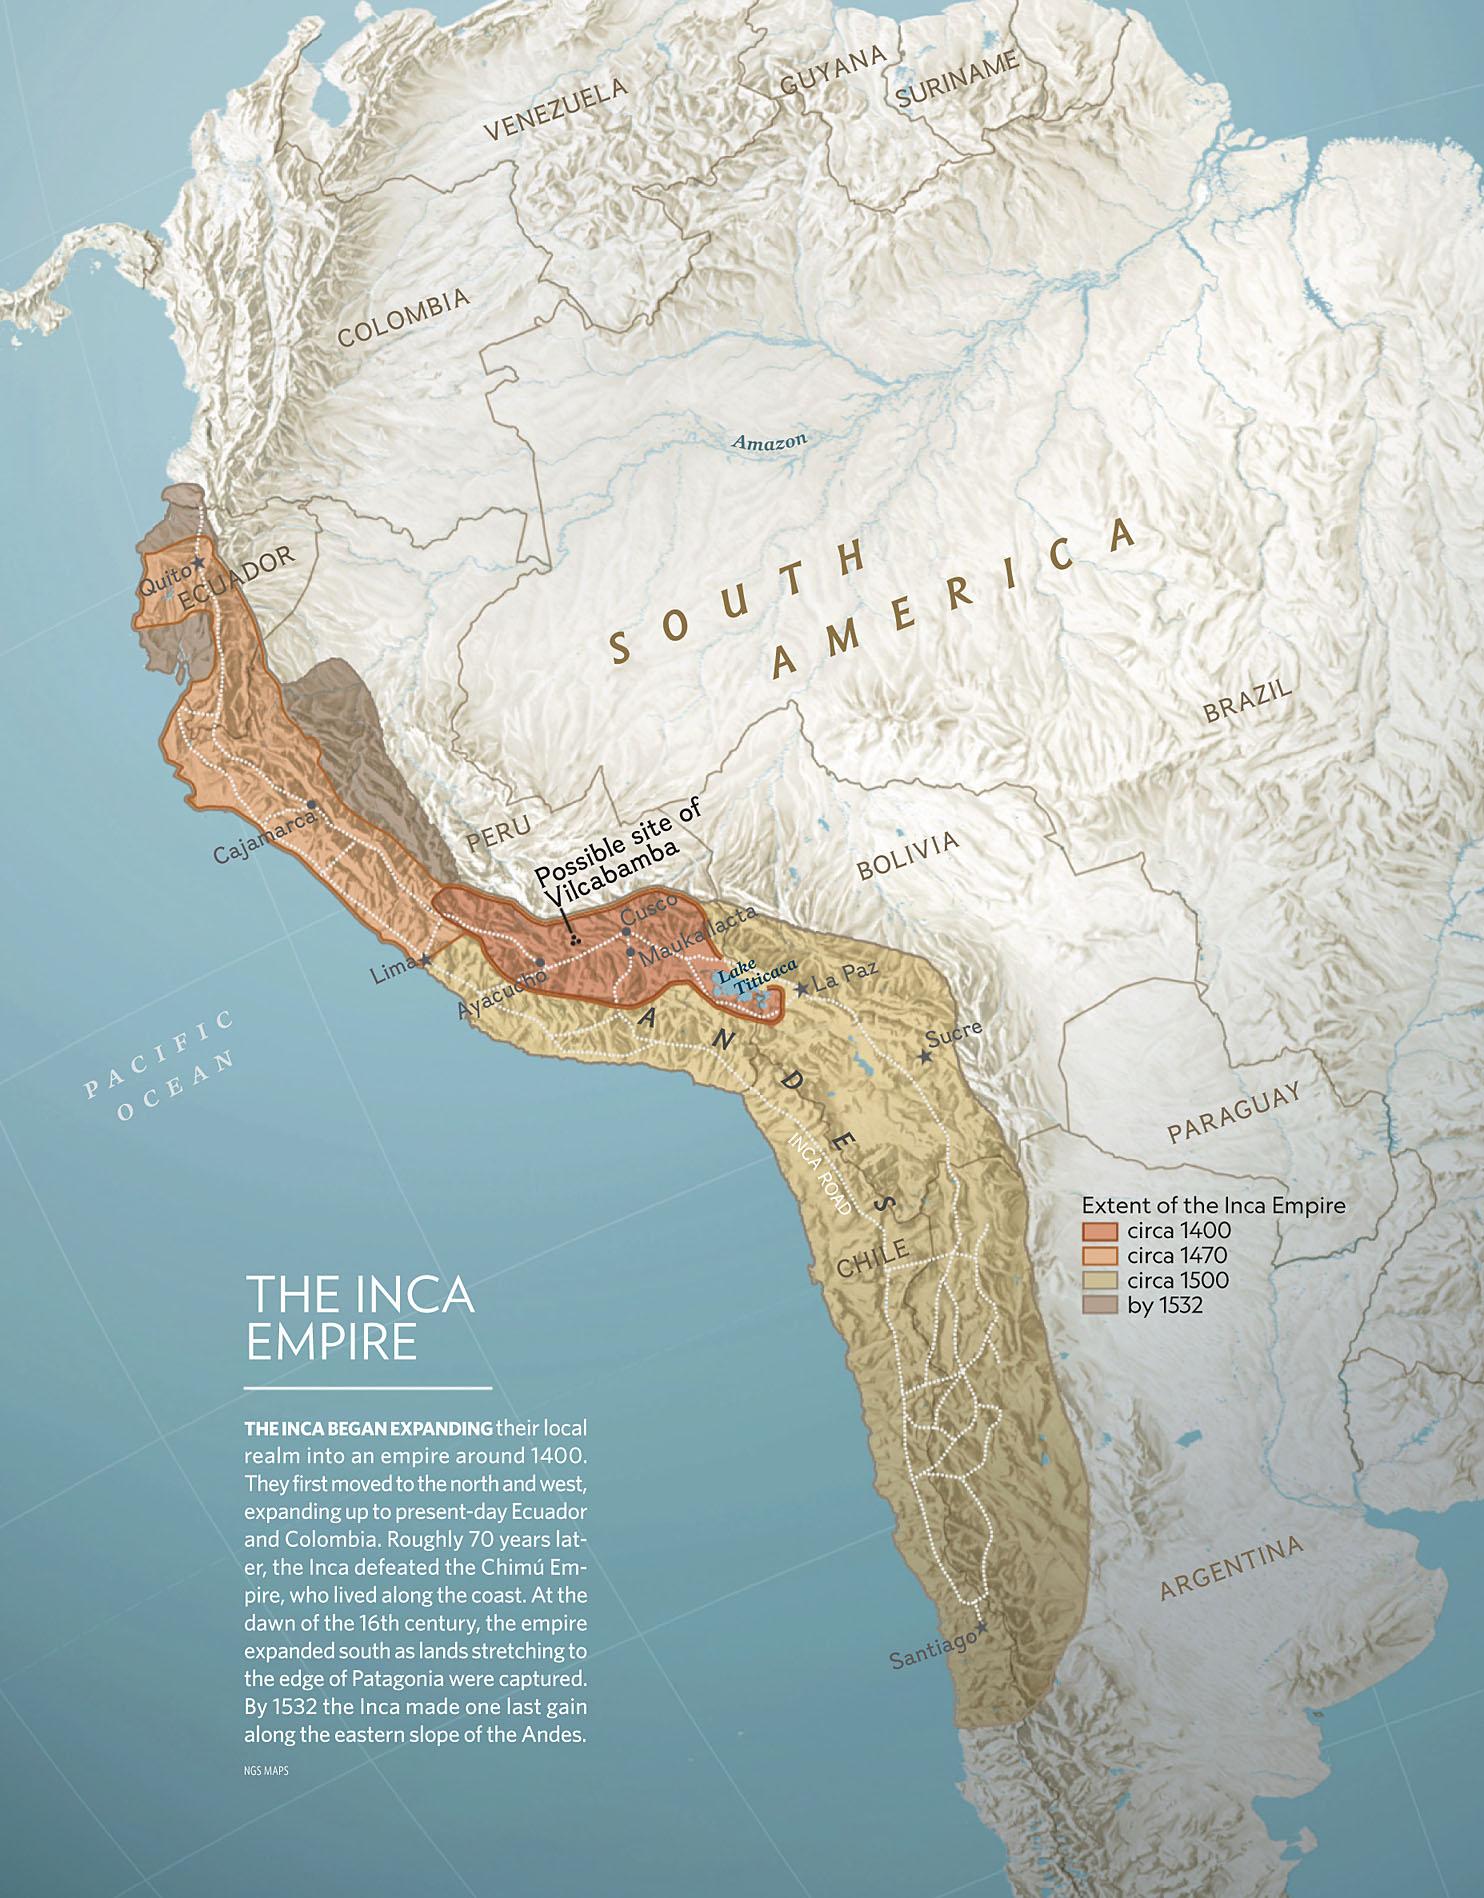 NG History 2020-01-02 Inca 03.jpg